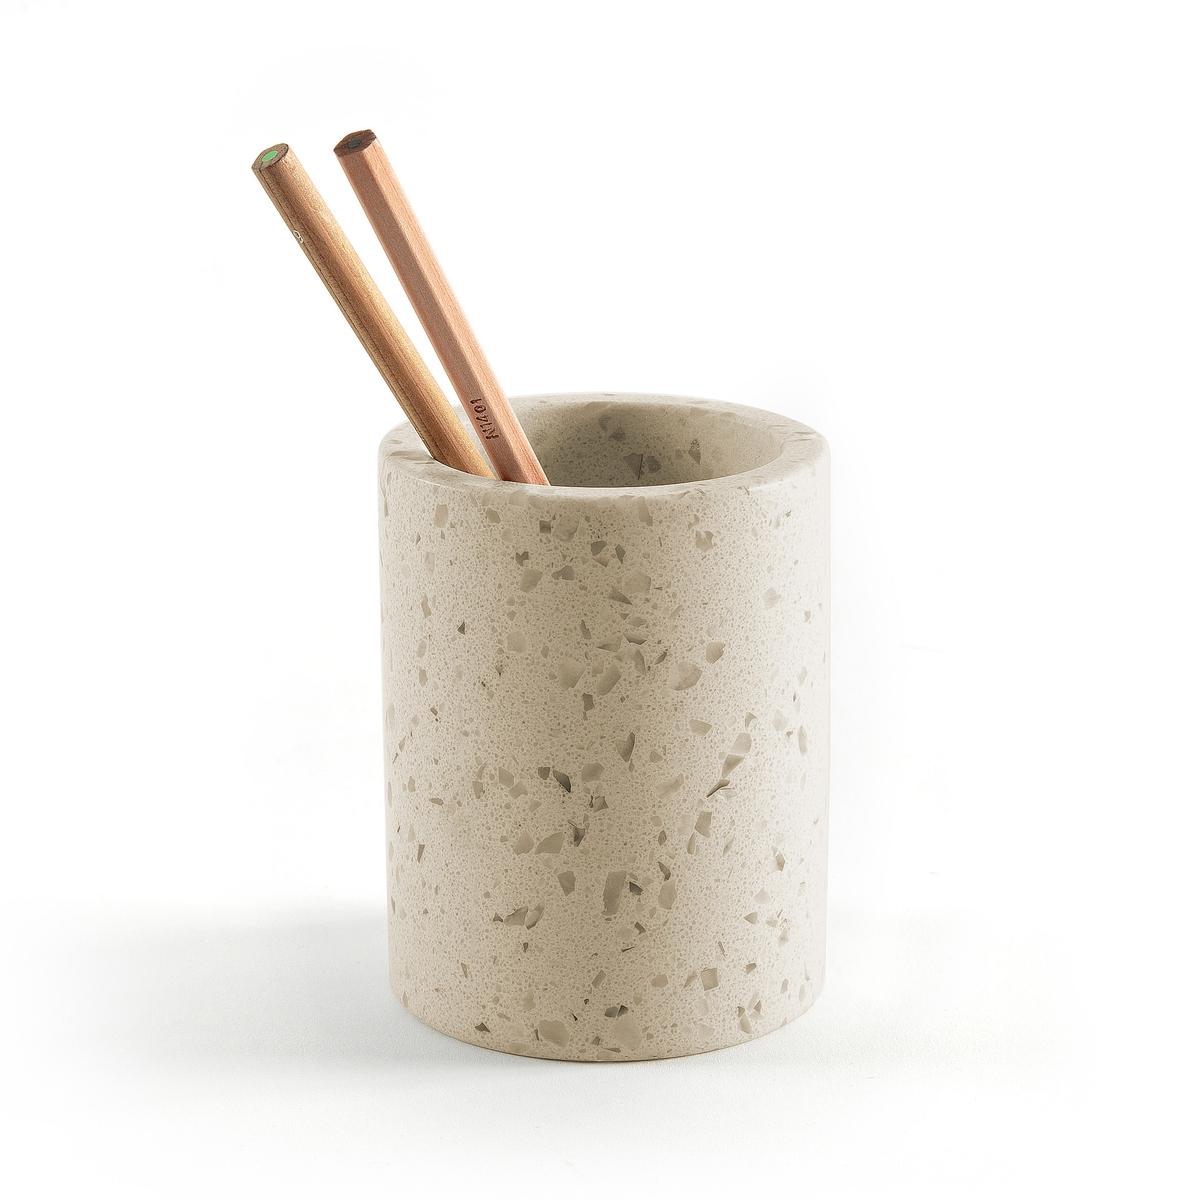 Горшок из бетона с мраморной крошкой, Terzetto